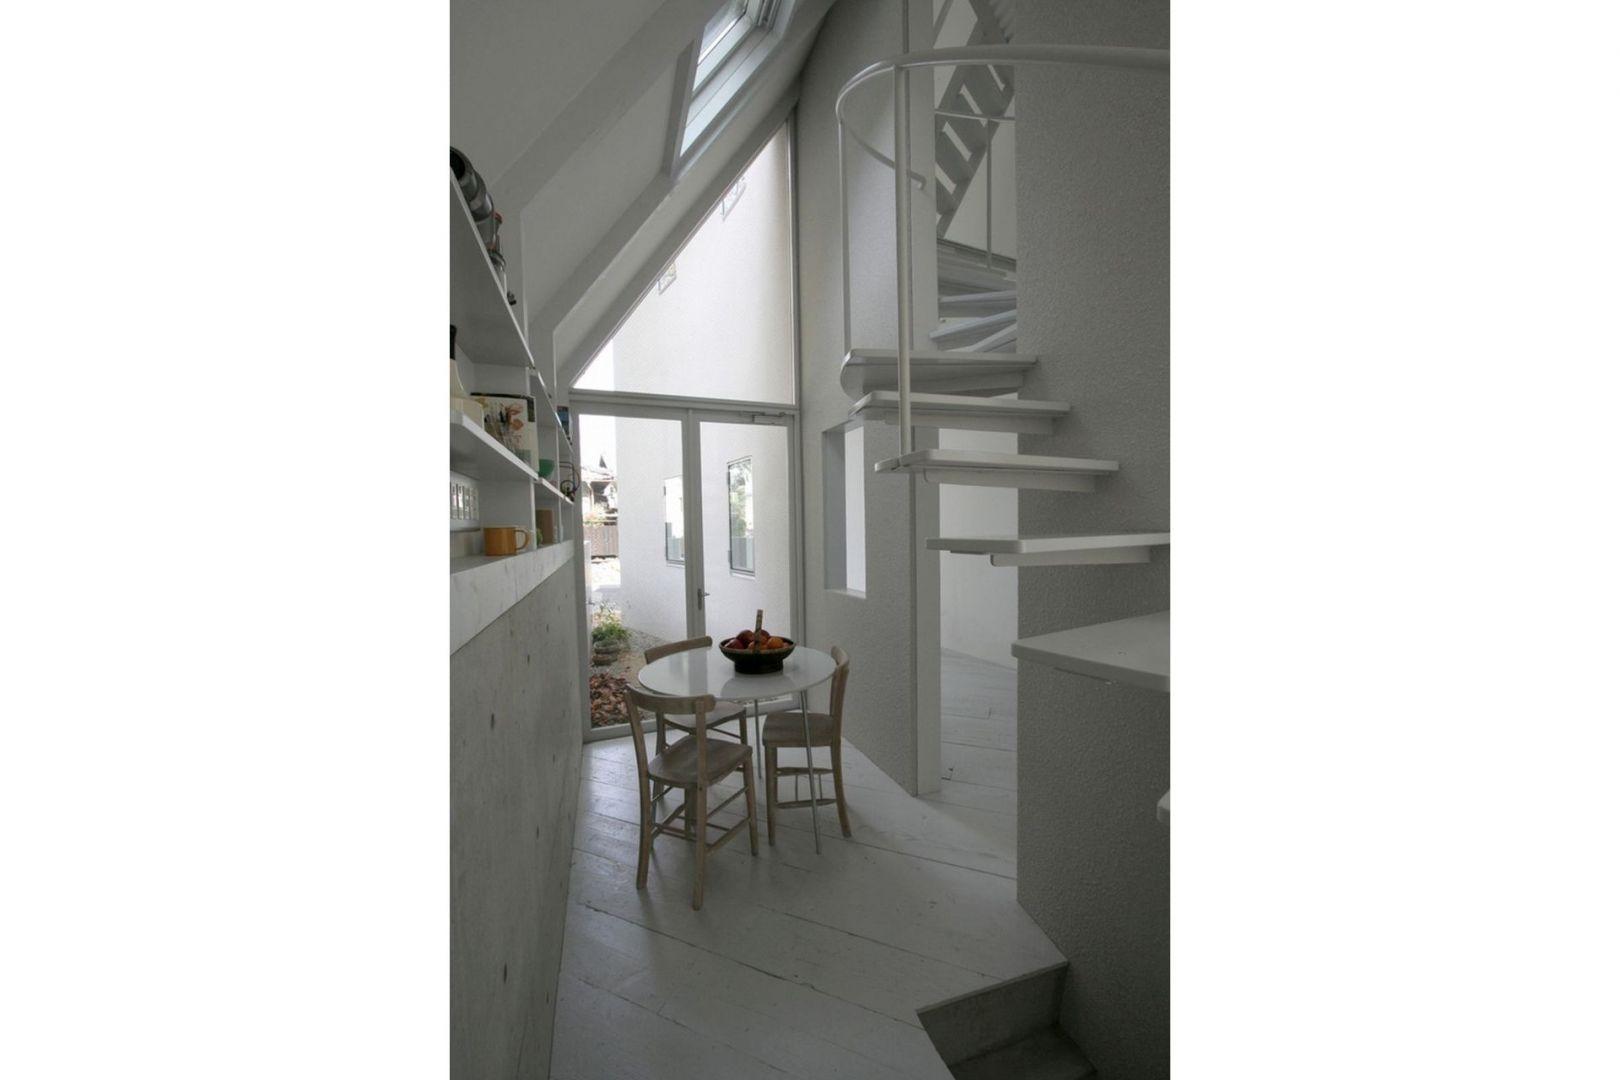 Dom urządzono z dbałością o każdy detal. Niewielką przestrzeń wykorzystano maksymalnie. Fot. Hideyuki Nakayama Architecture